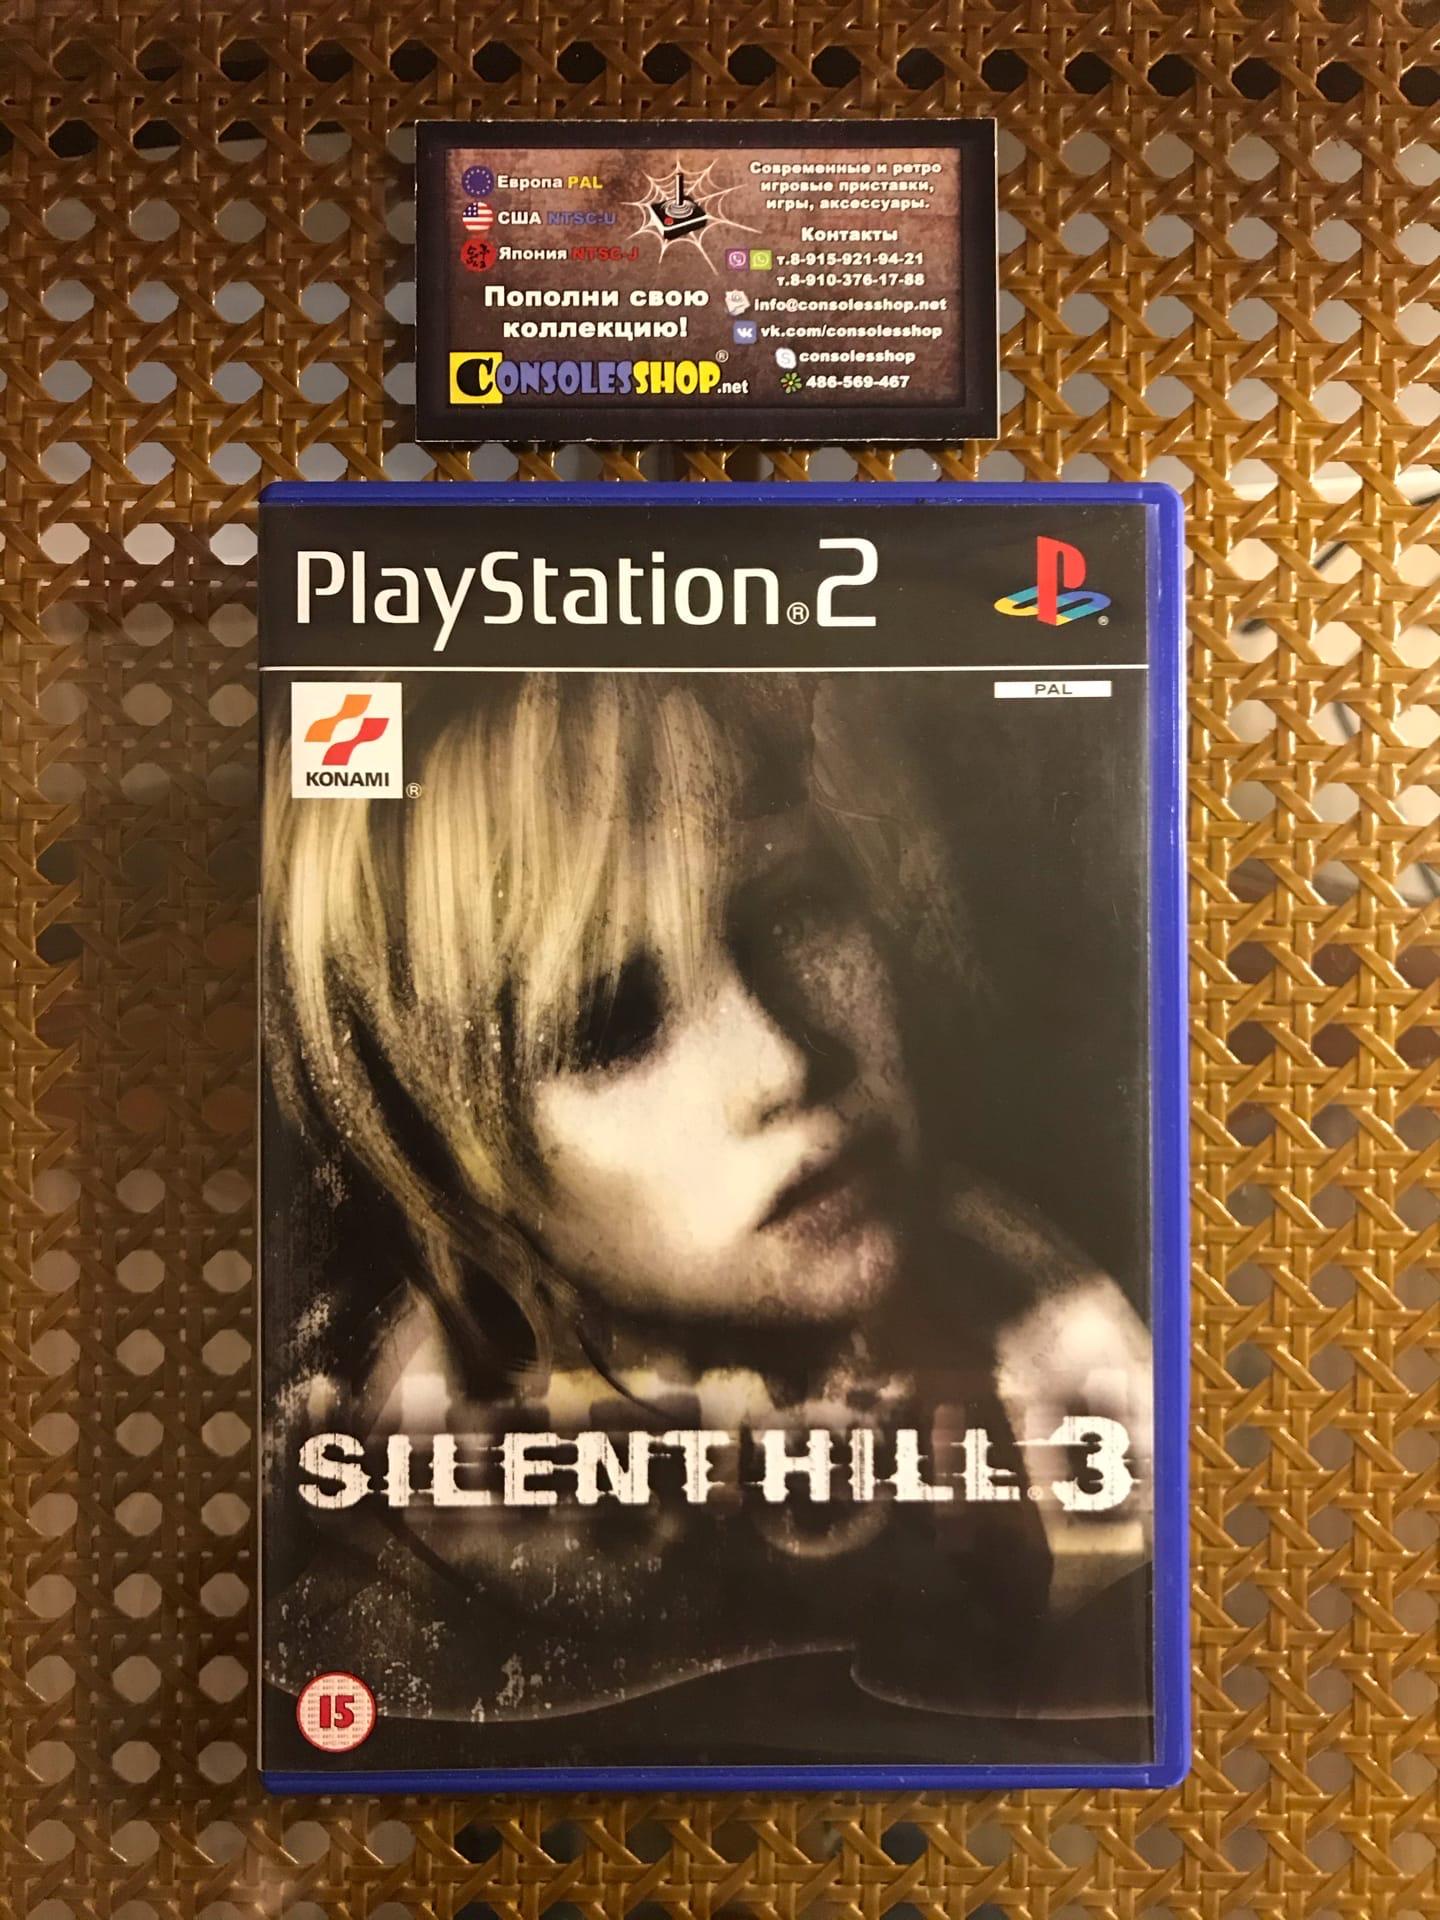 Купить игру Silent Hill 3 (PS2) (PAL) | CONSOLESSHOP